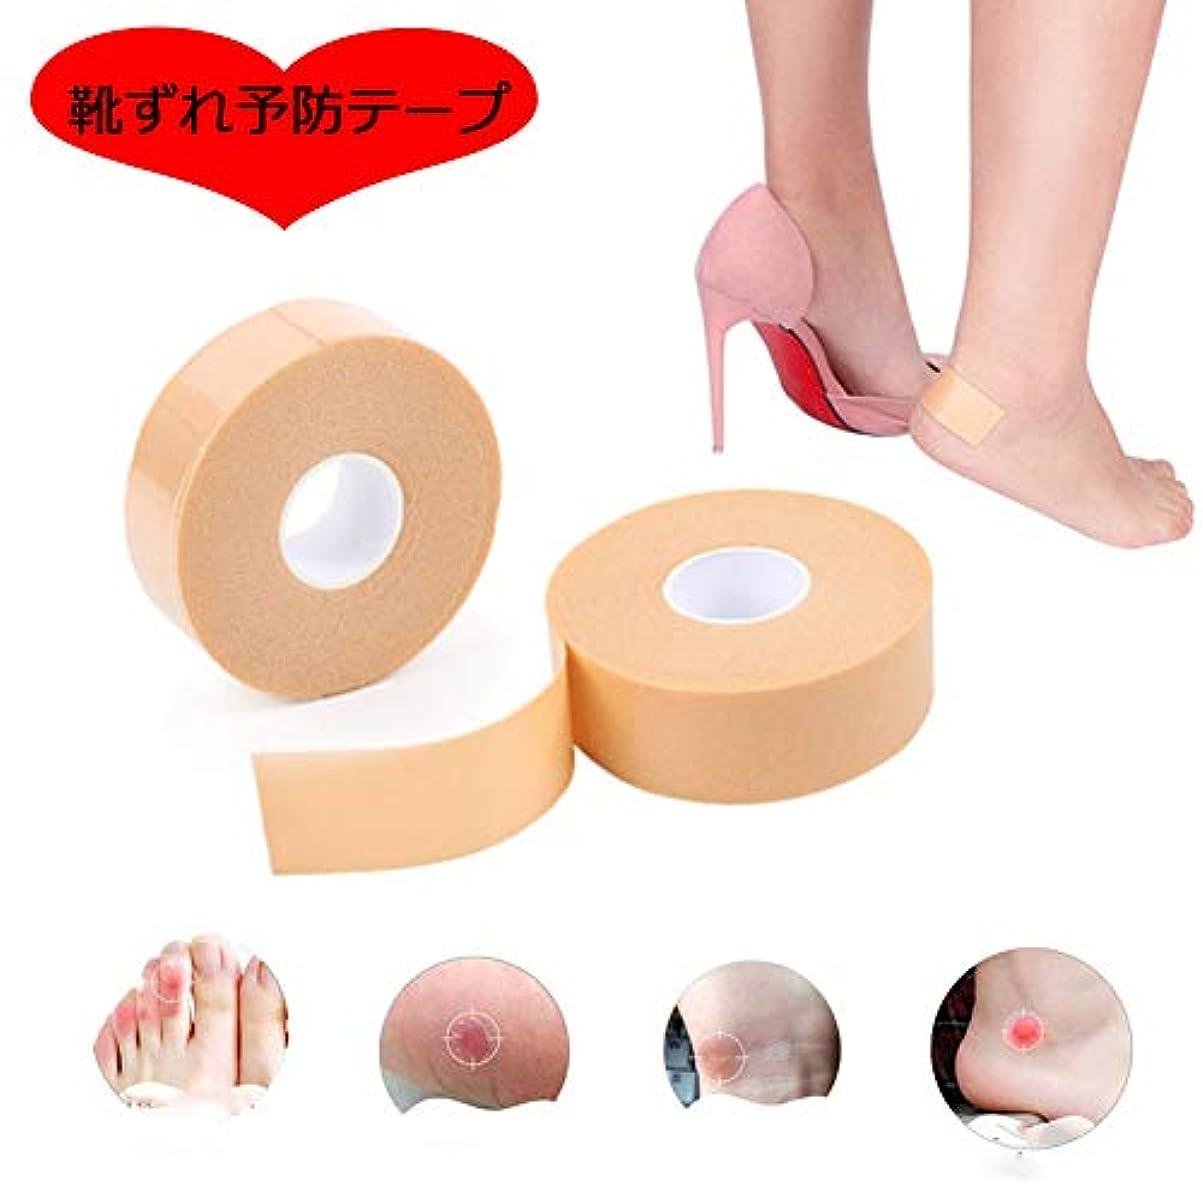 浴前任者うん靴ずれ予防テープ EXTSUD 靴擦れ防止 かかと パッド ヒールステッカーテープ 2.5cm*5m グ ラインドフットステッカー 切断可能 防水 かかと保護テープ 肌色 粘着 足痛み軽減 伸縮性抜群 男 女兼用